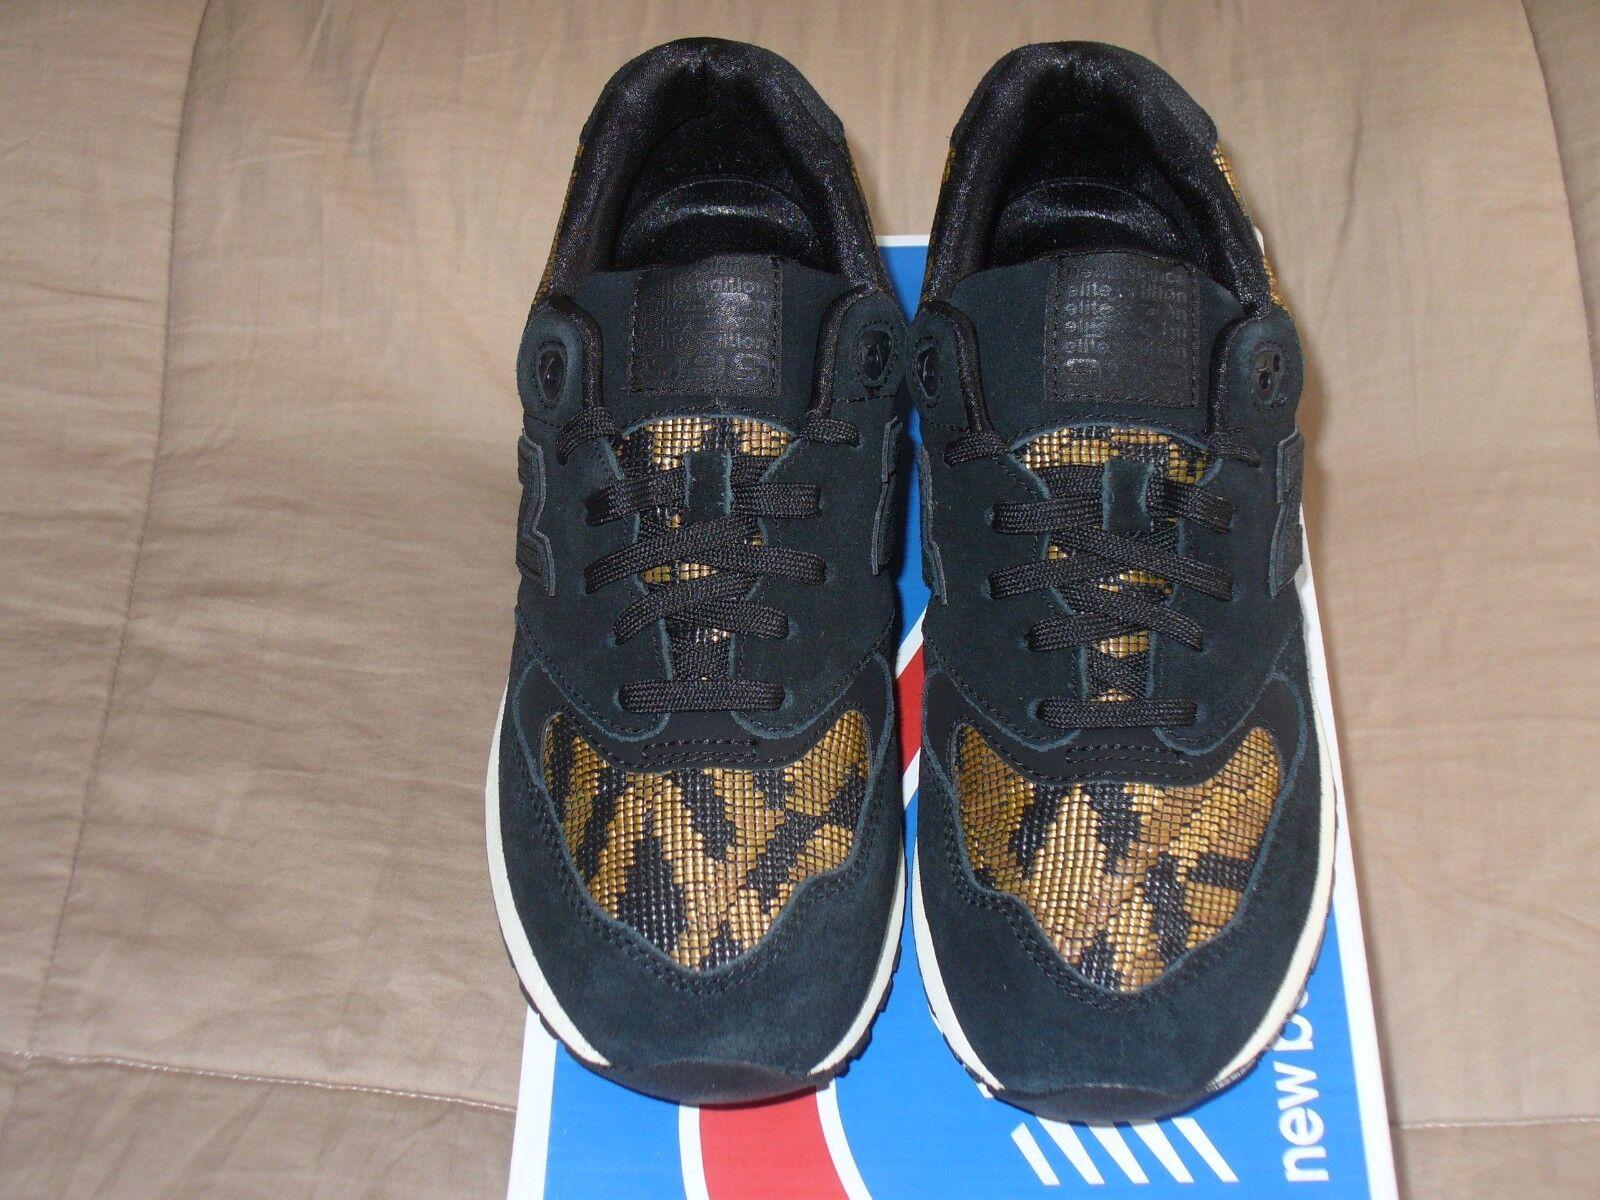 New Balance 999 nero nero nero WEAVE Donna  Run Casual scarpe Choice Sz WL999PW Retro  NWB 0d09e1